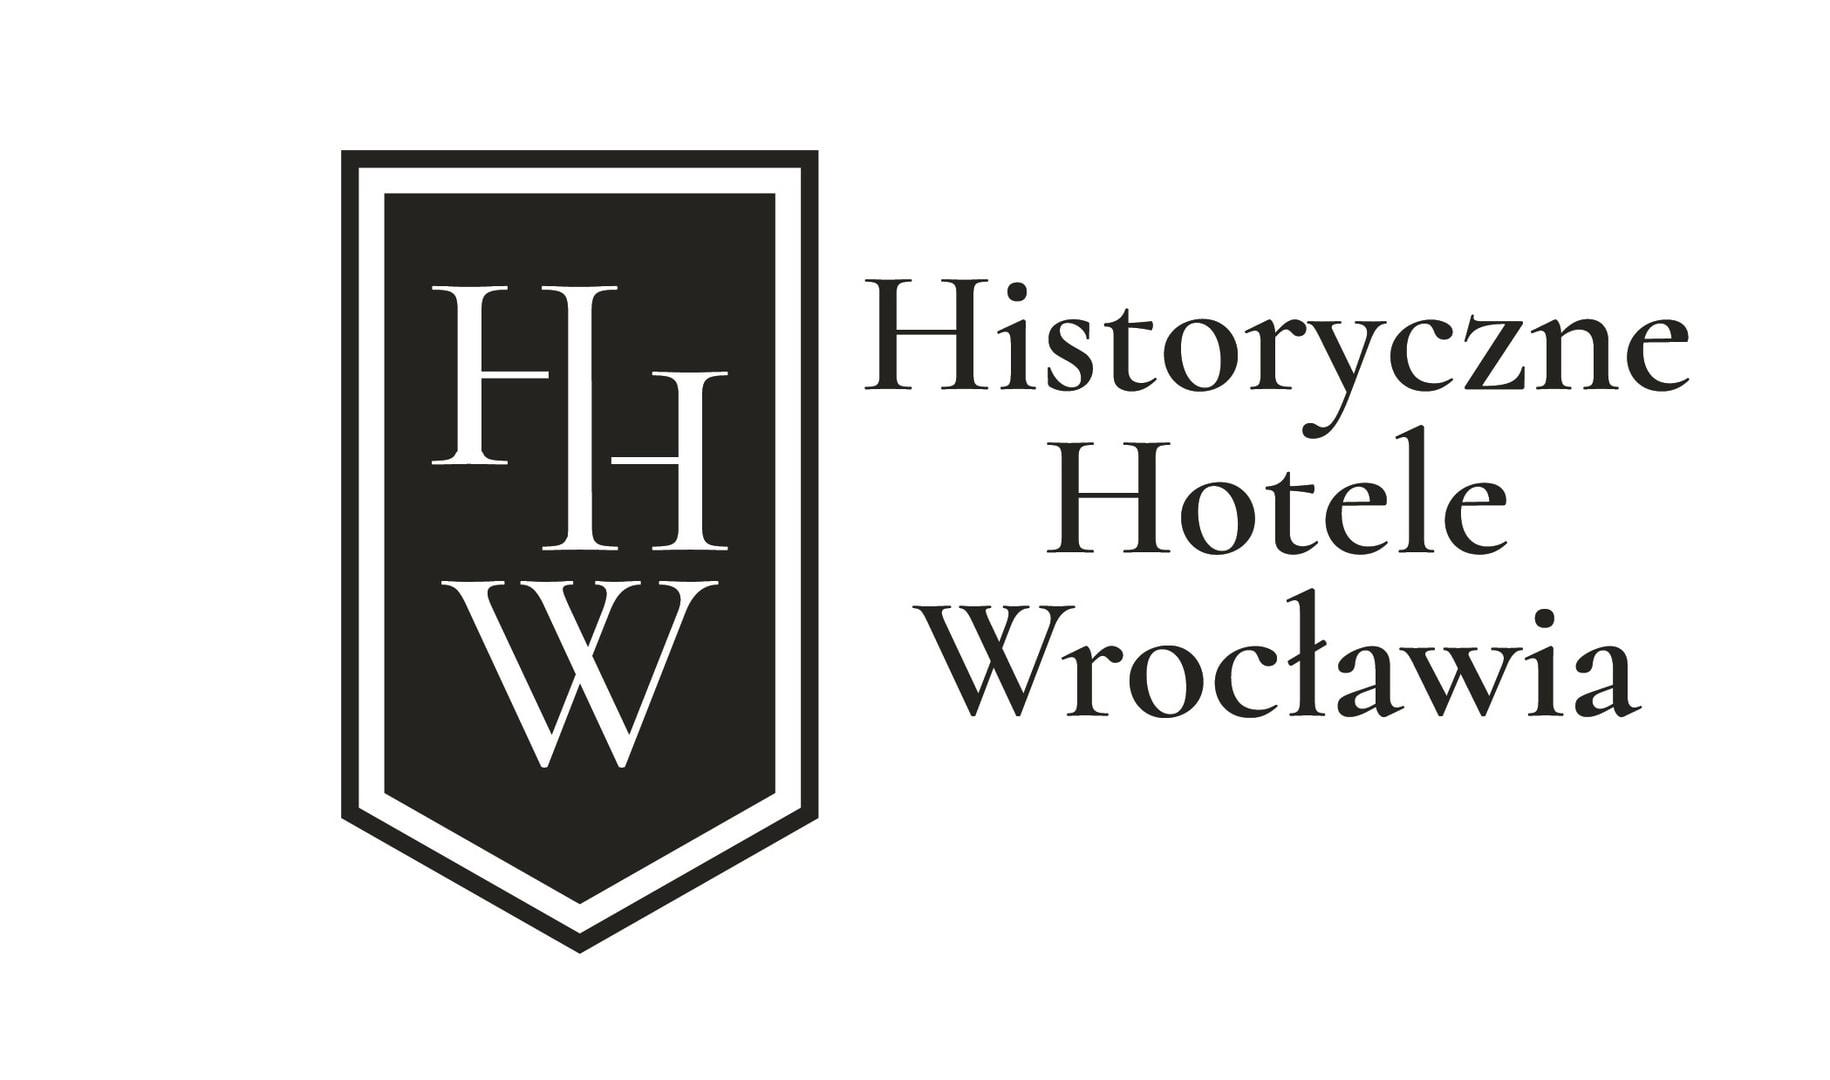 Historyczne Hotele Wrocławia